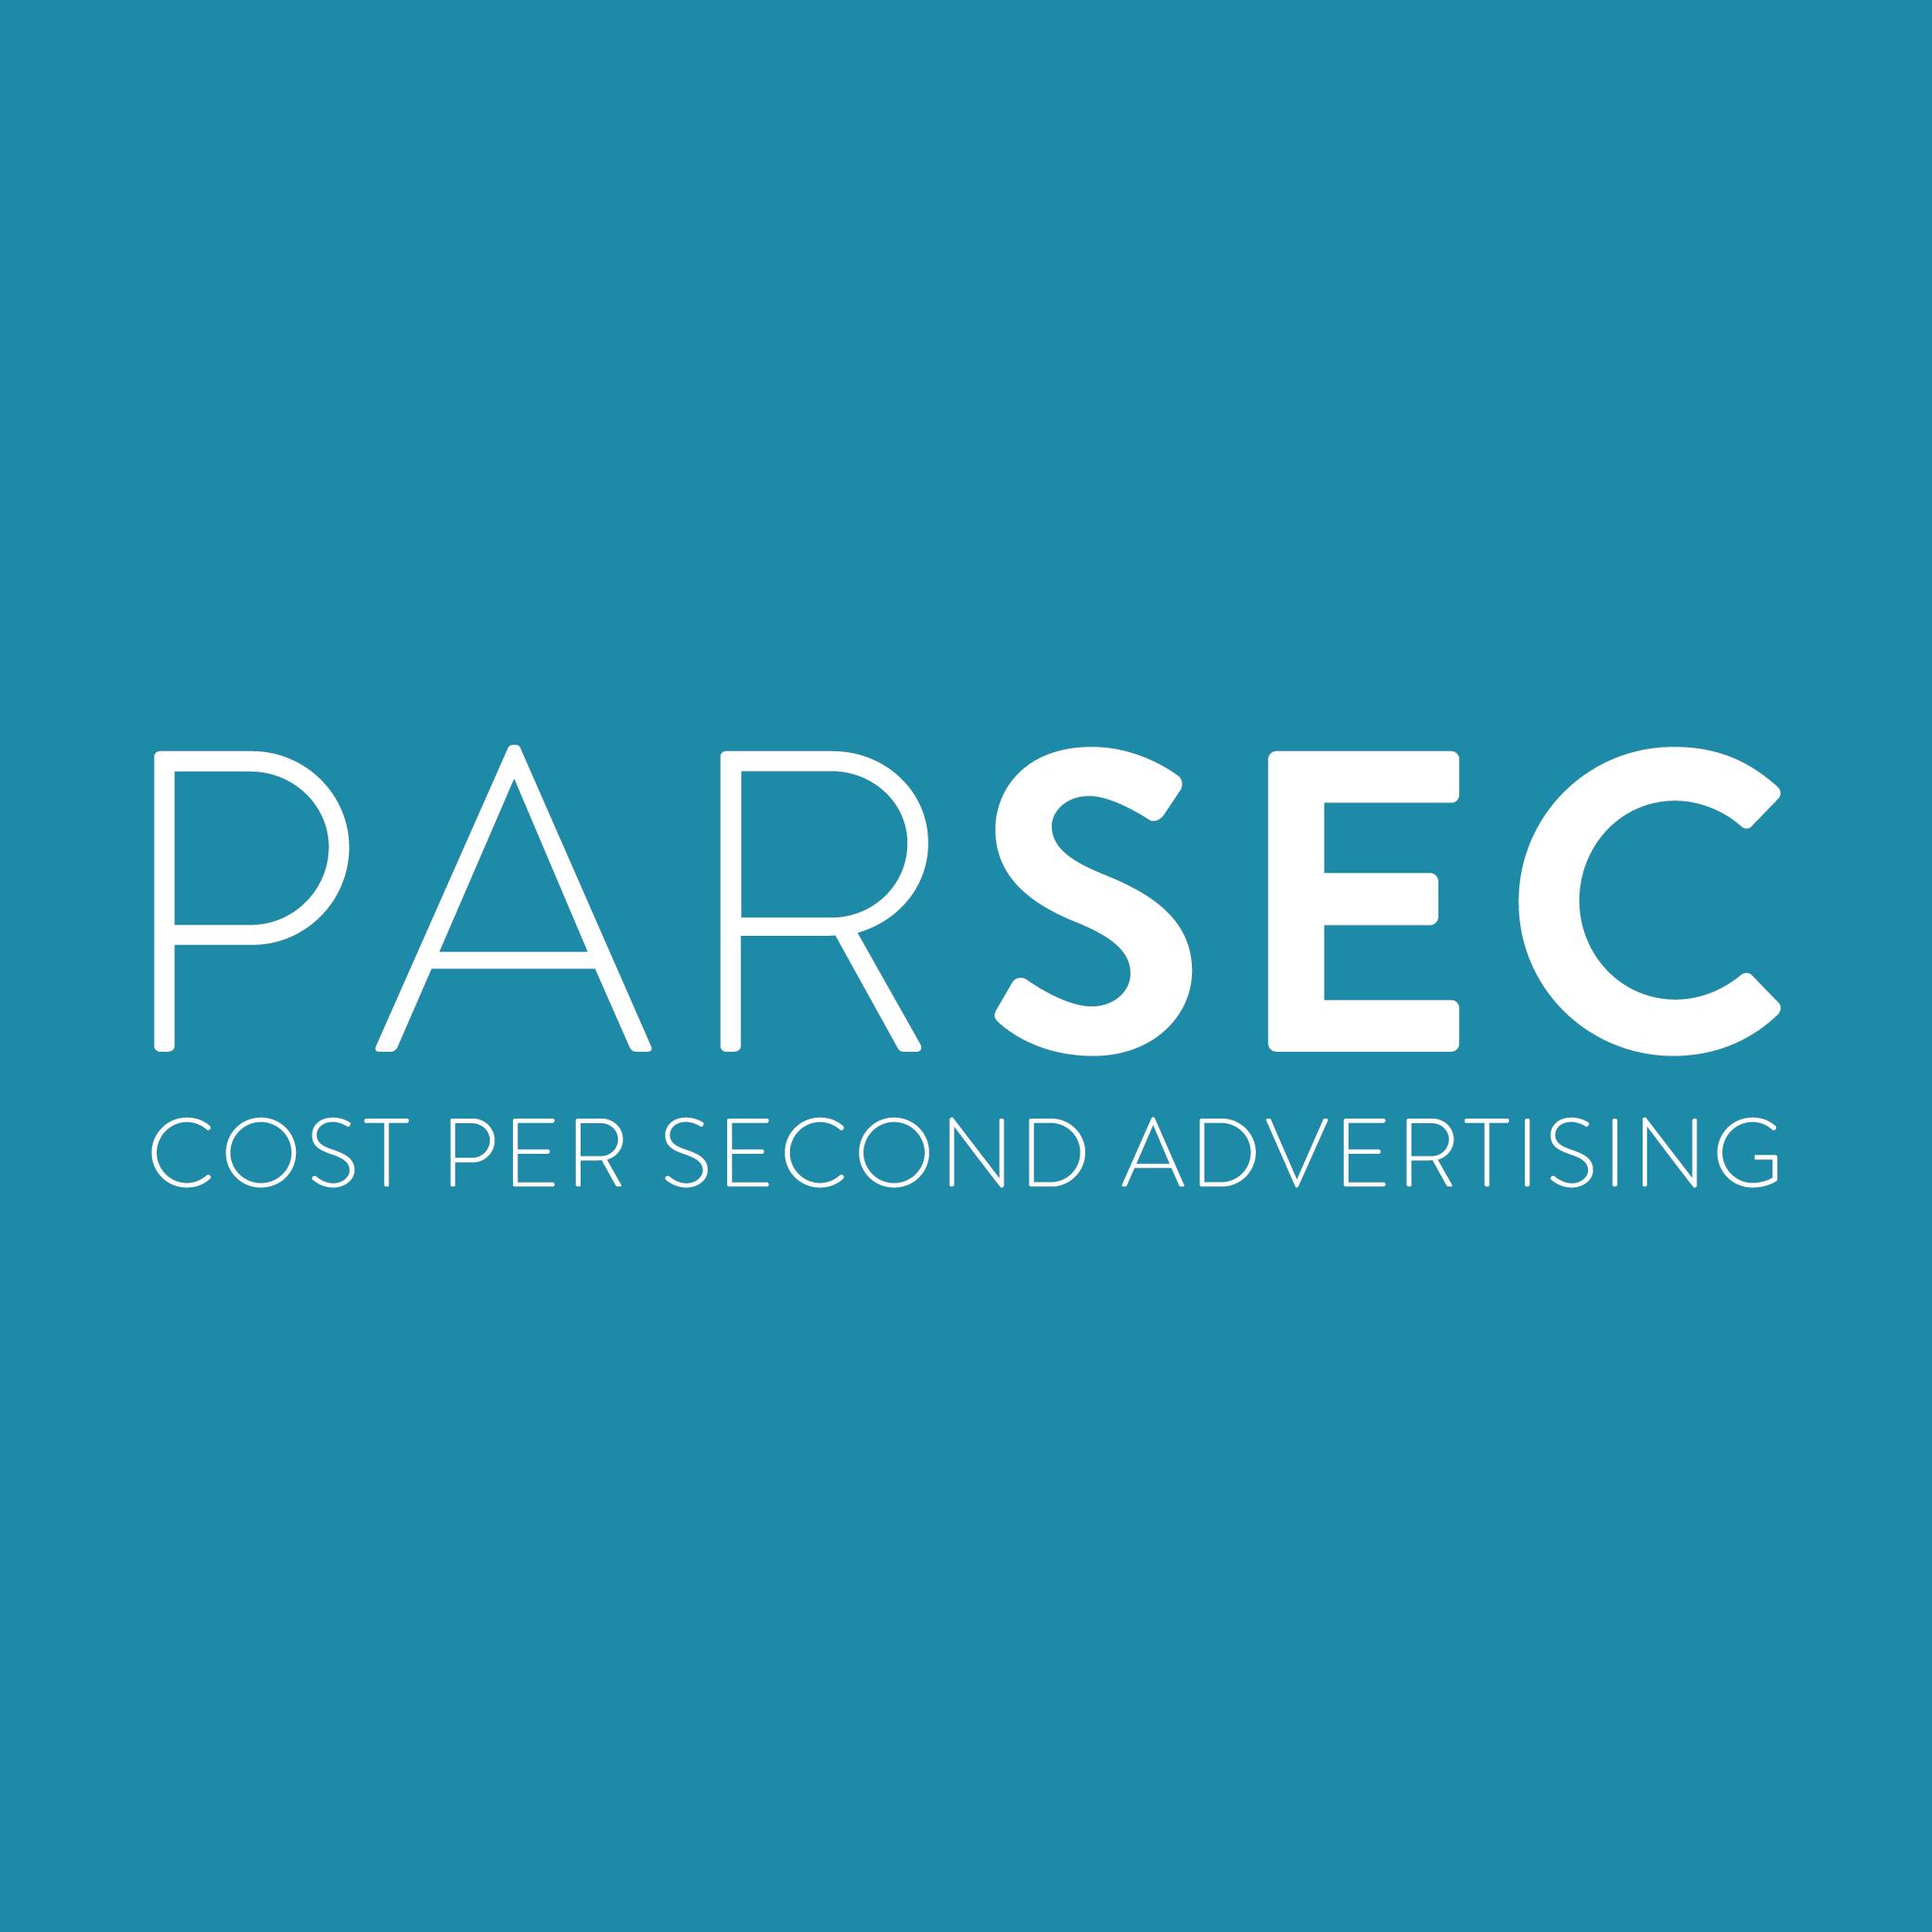 Parsec-logo-bg-01